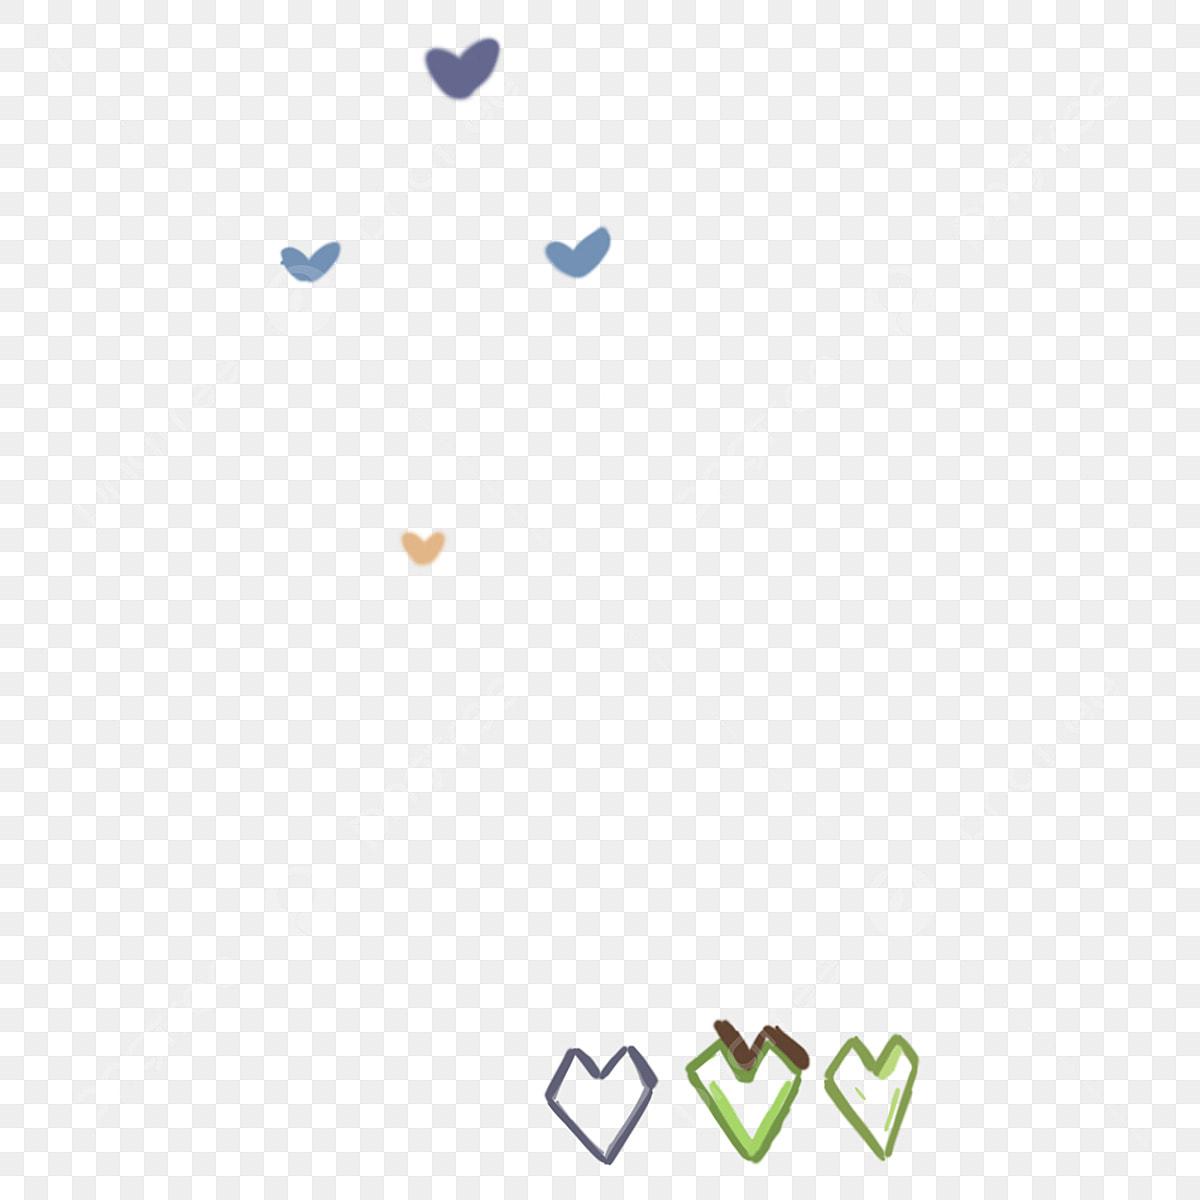 Hình Trái Tim đầy Màu Sắc Tình Yêu Hình đầy đầy Màu Sắc